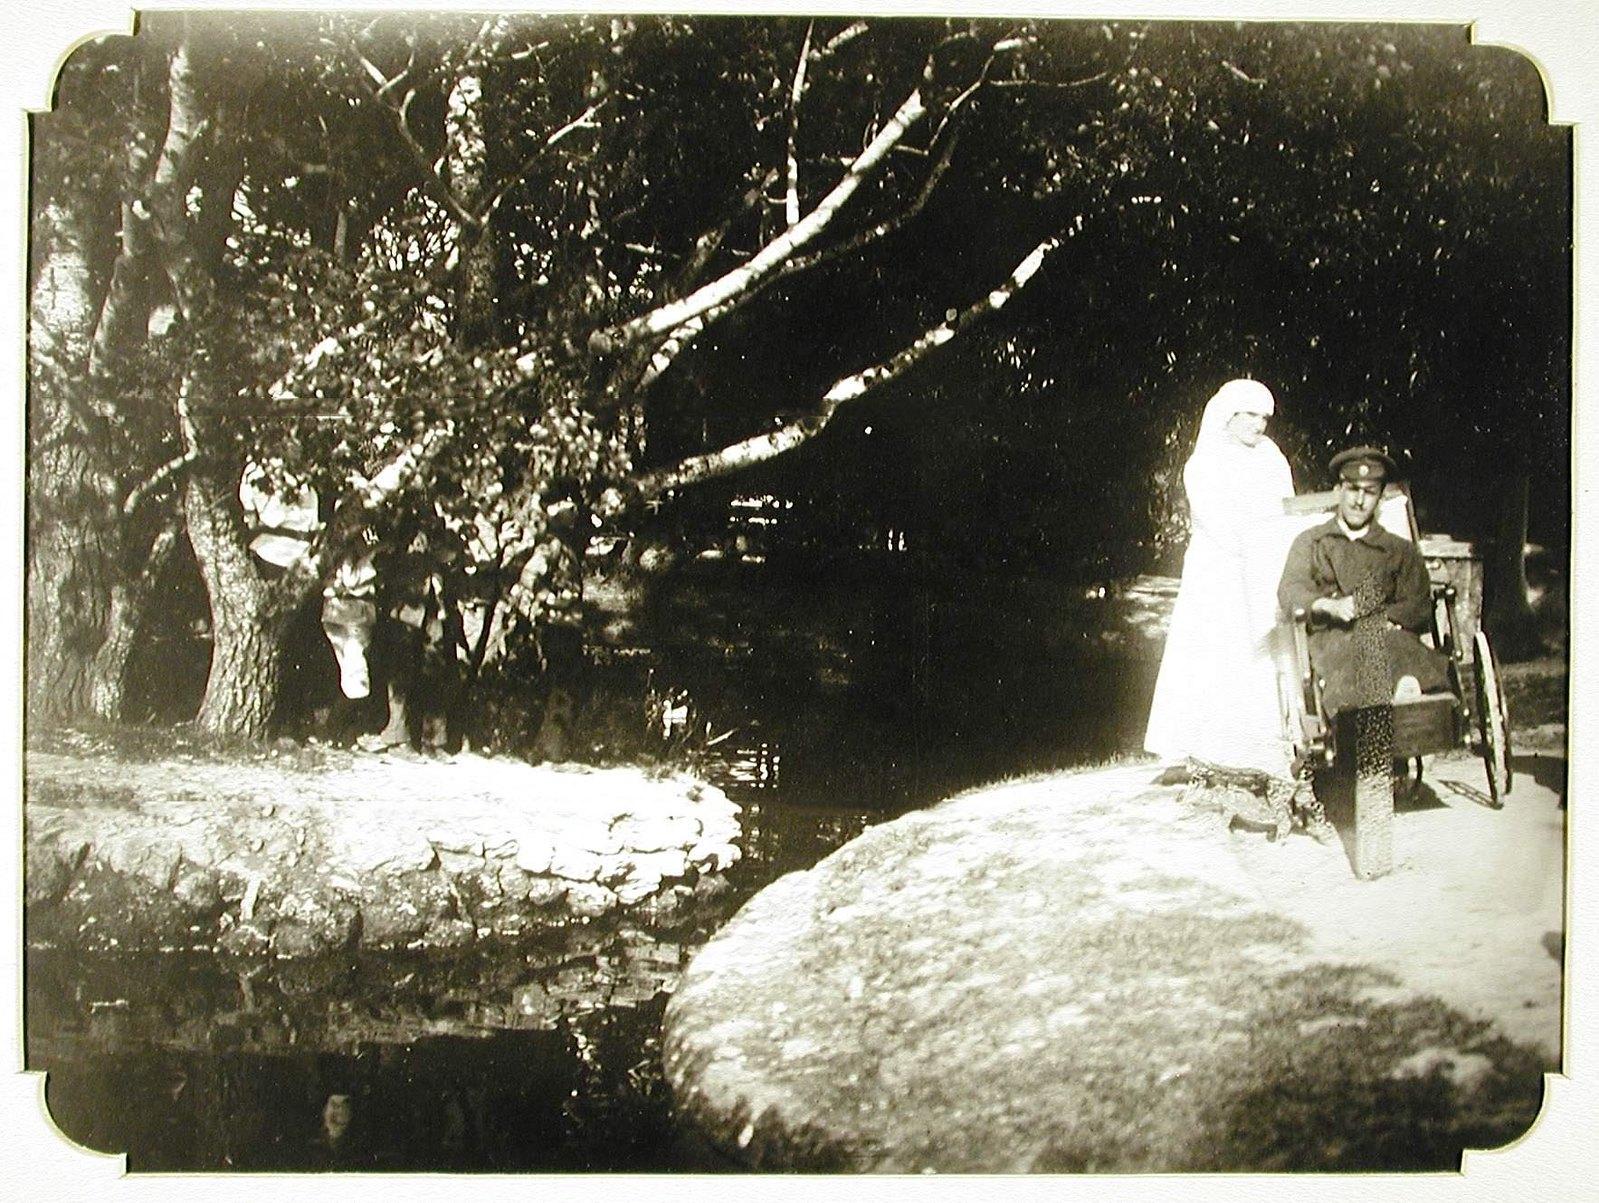 13. Сестра милосердия сопровождает раненого на прогулке у пруда в парке Хаджибейского лимана